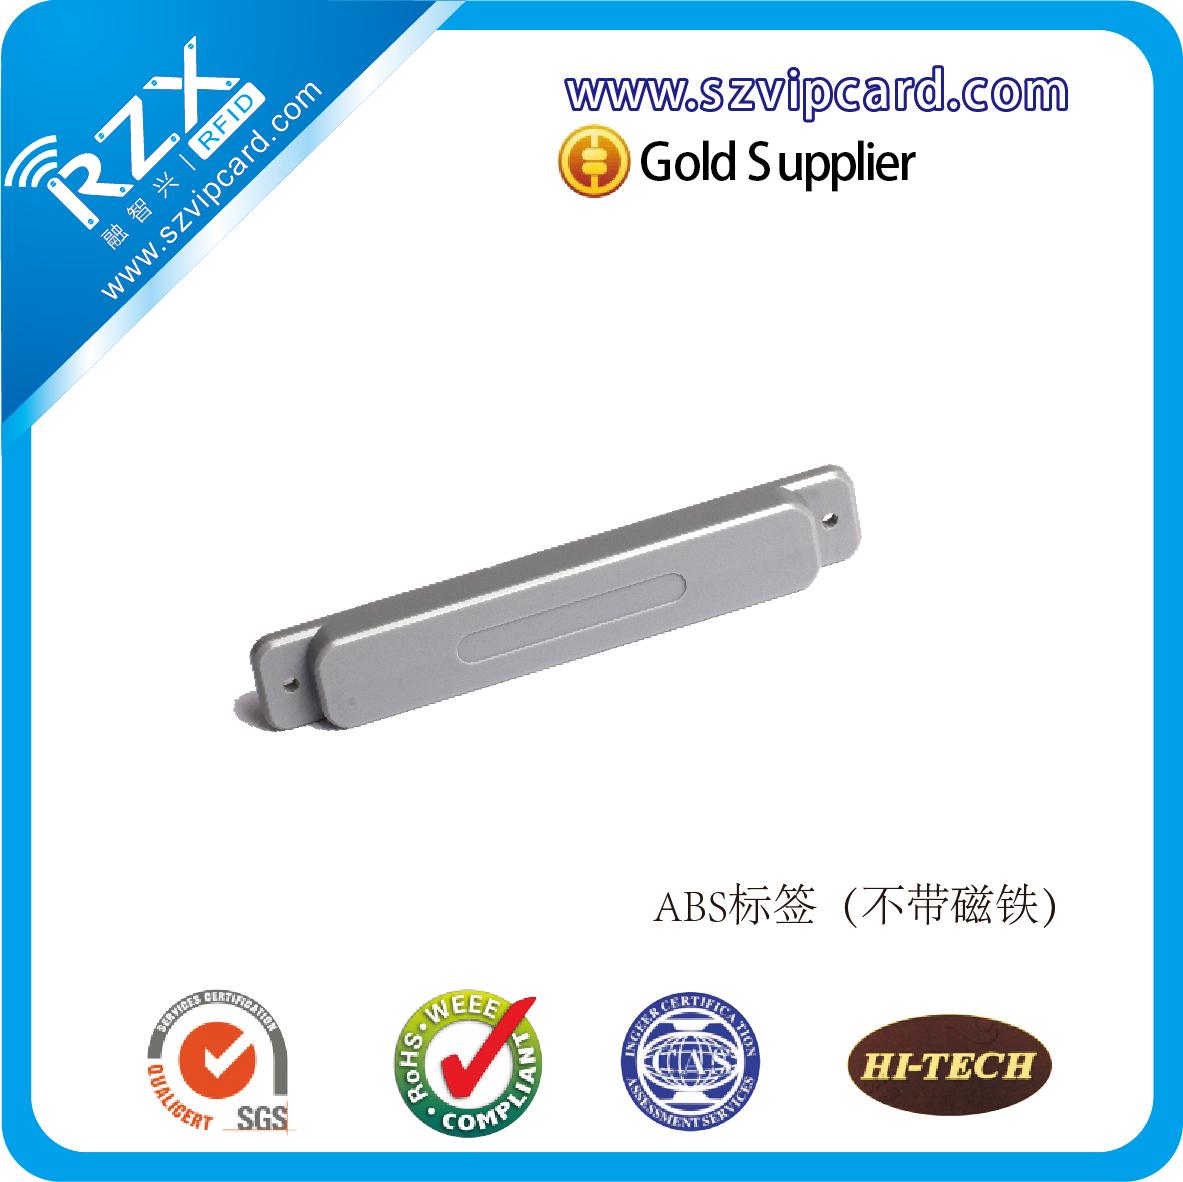 RZX-UM01 ABS标签(不带磁铁)